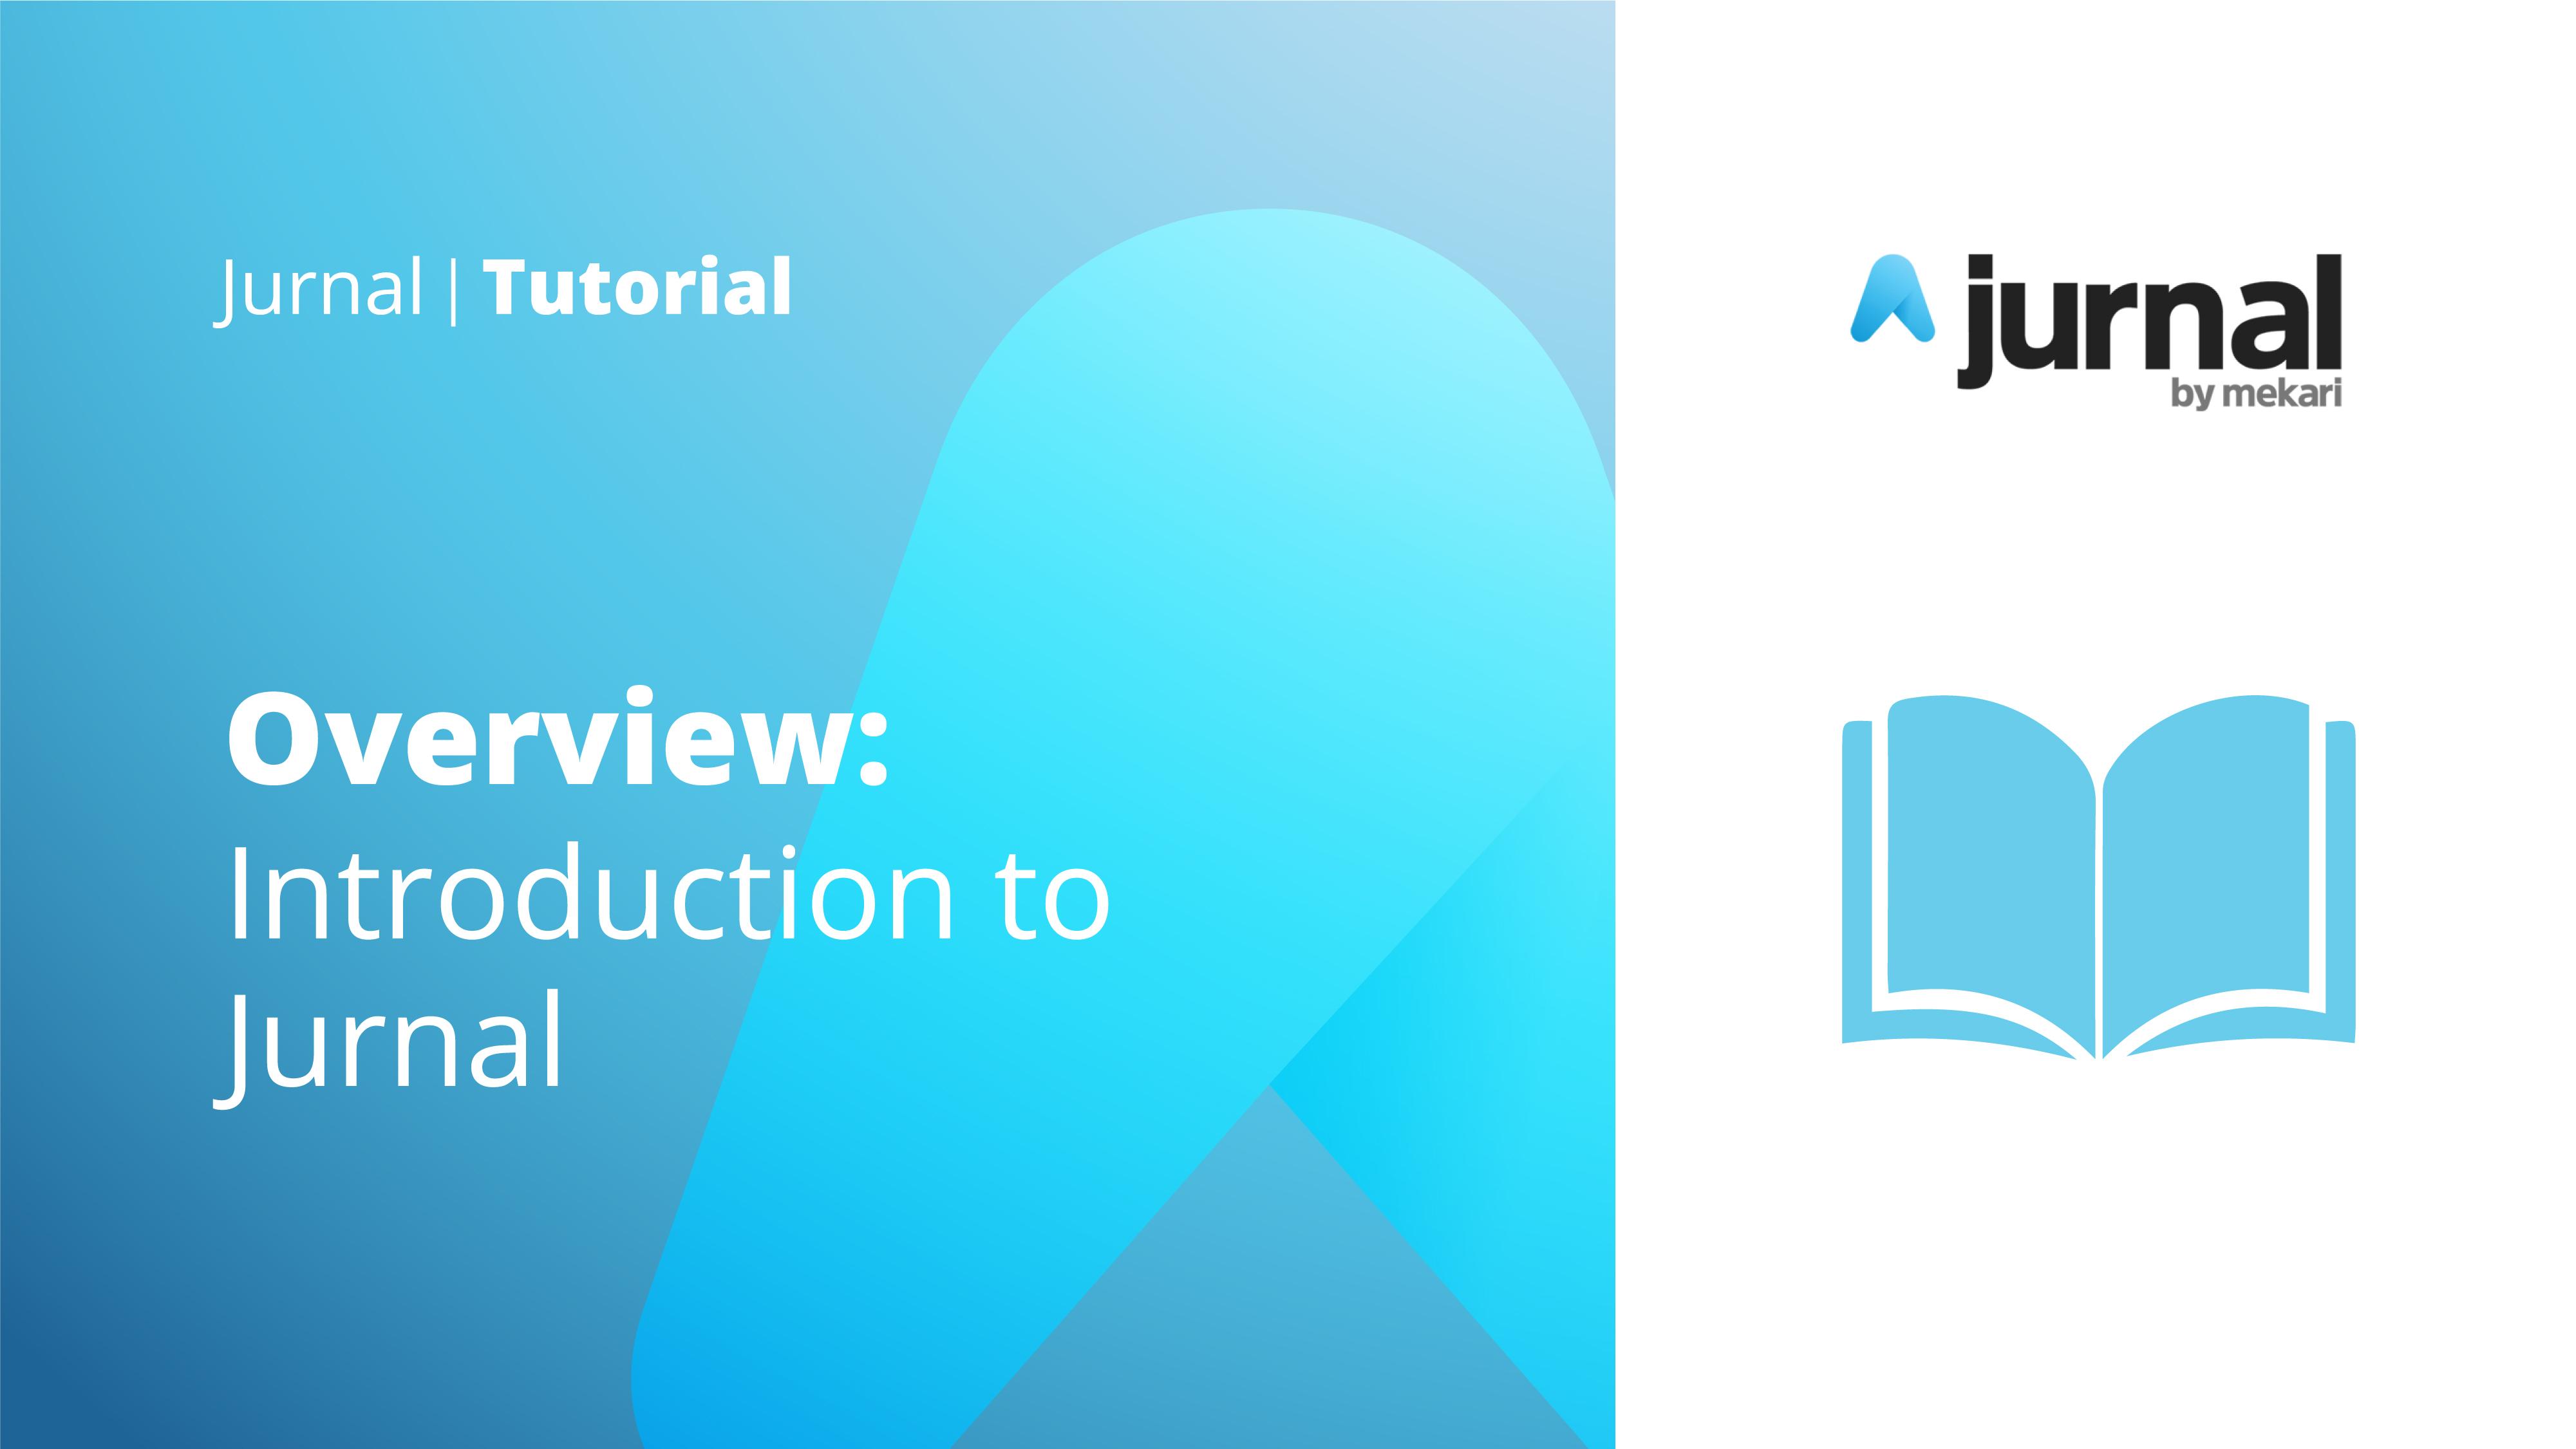 Tutorial - Jurnal Overview